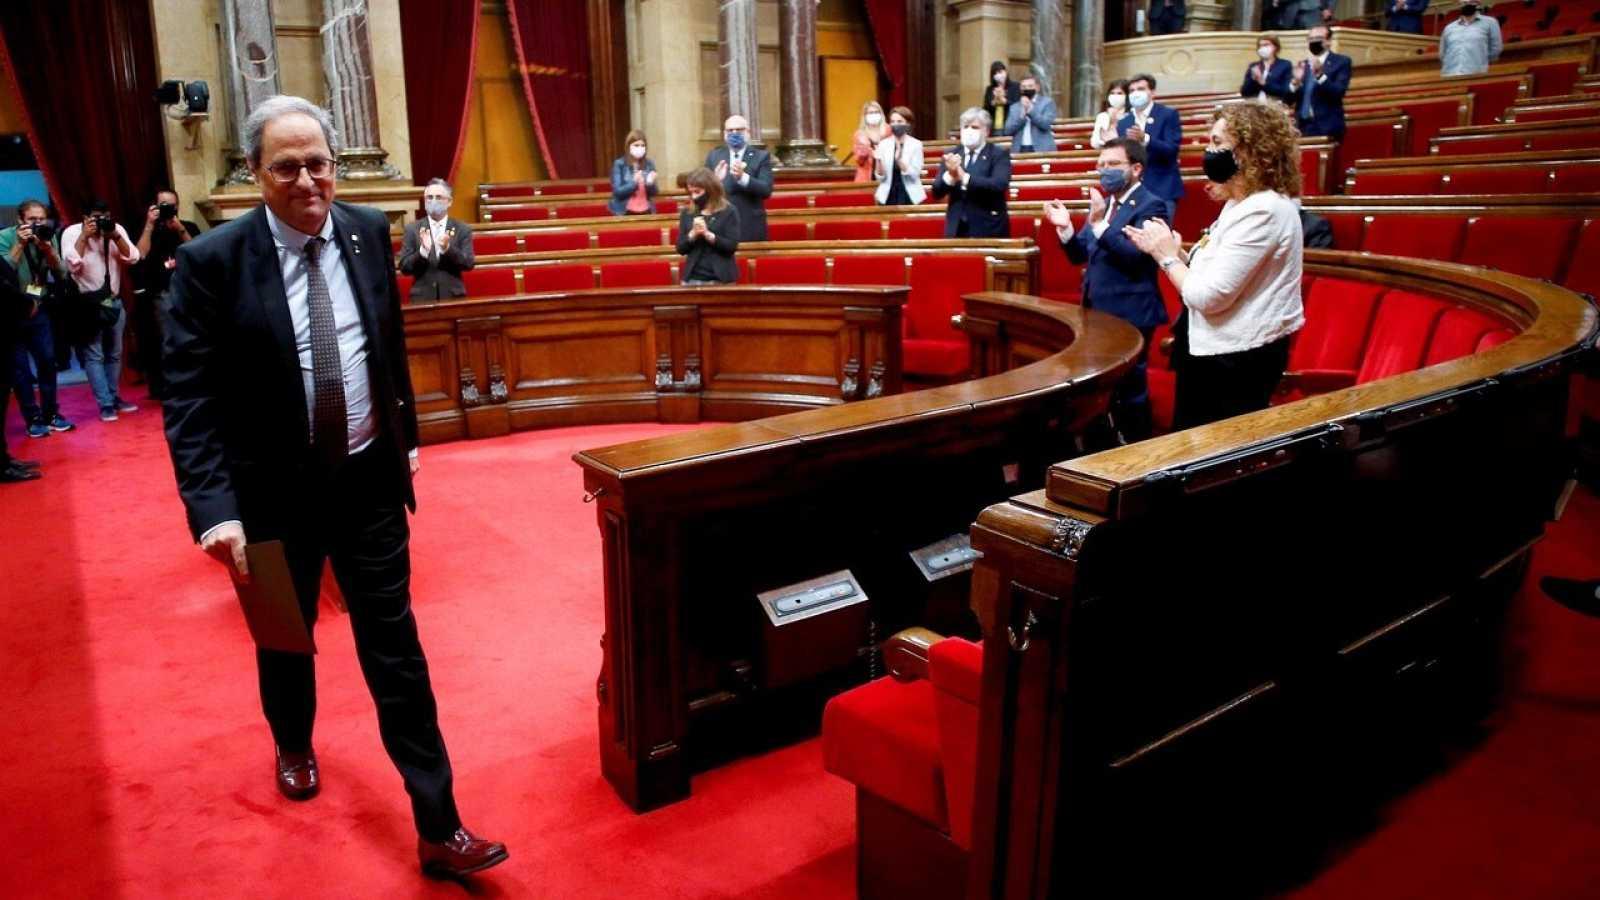 El expresidente de la Generalitat, Quim Torra, abandona el hemiciclo del Parlament tras su intevrención